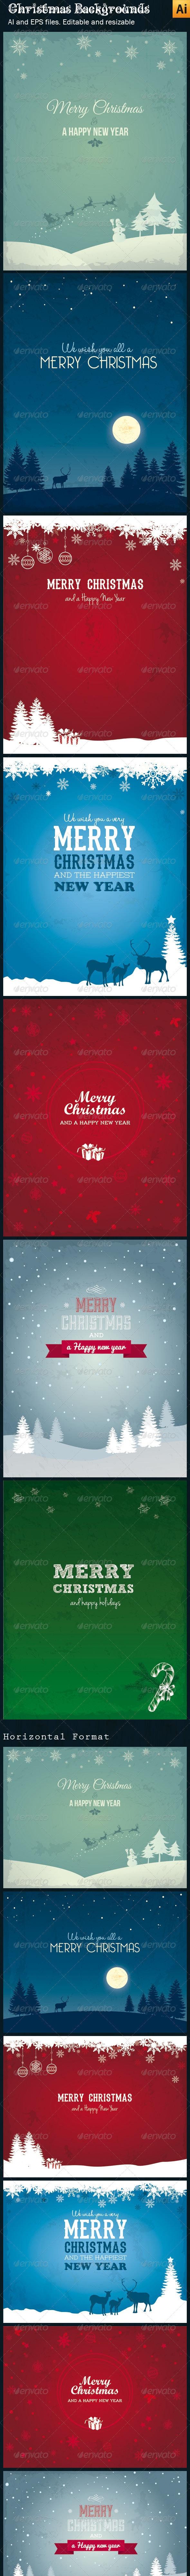 Vector Christmas Backgrounds - Christmas Seasons/Holidays